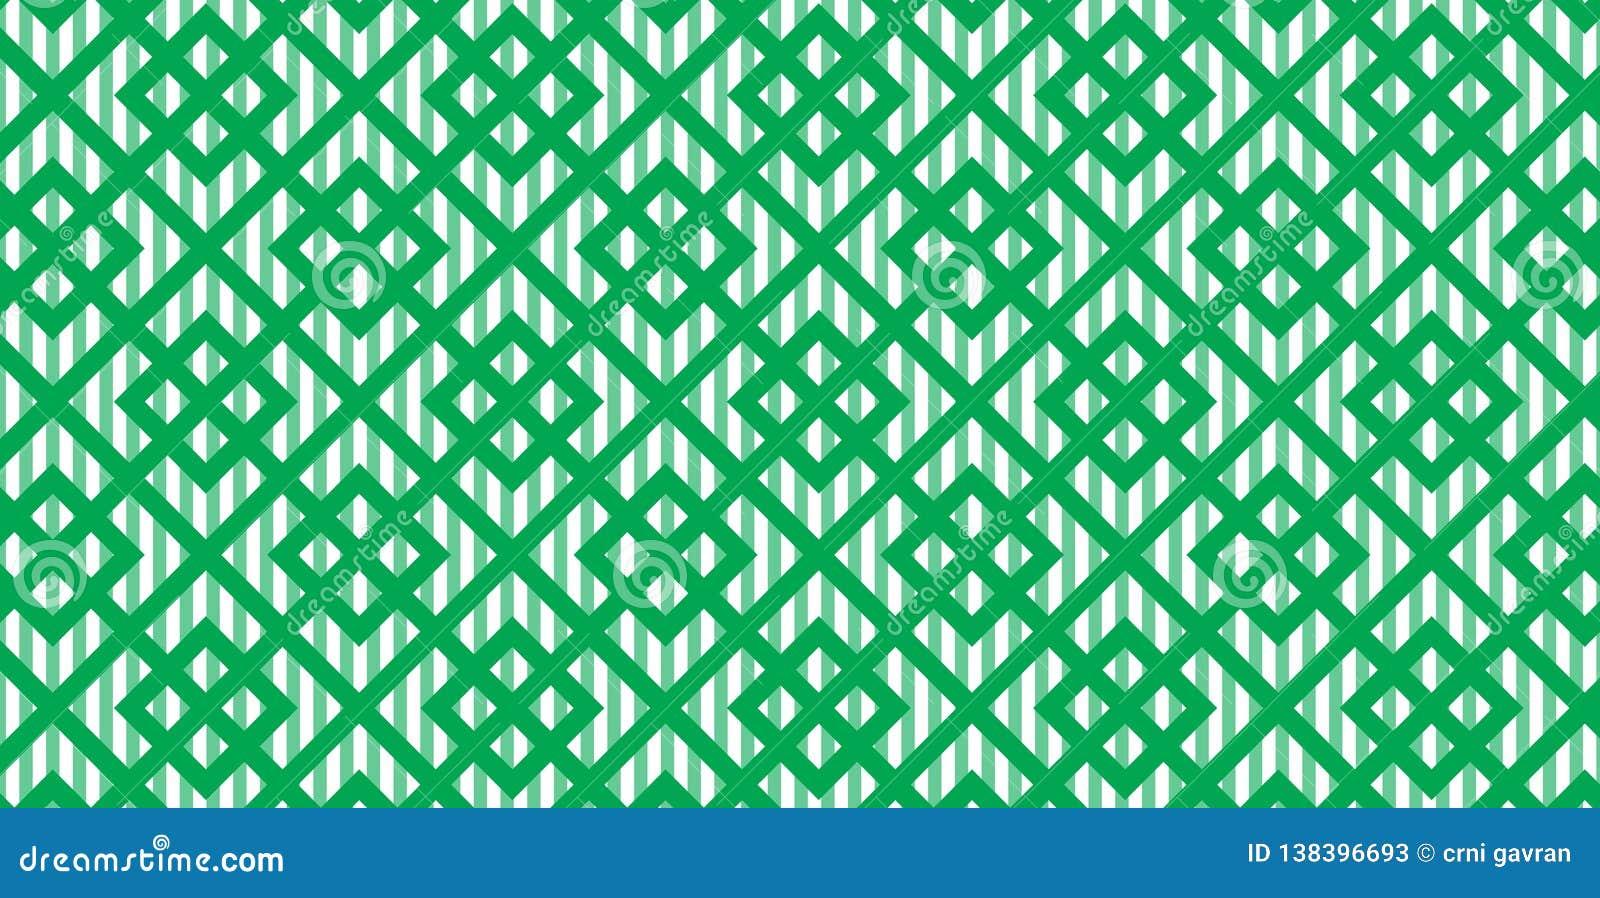 Green Line Background  Vector Illustration For Elegant Design